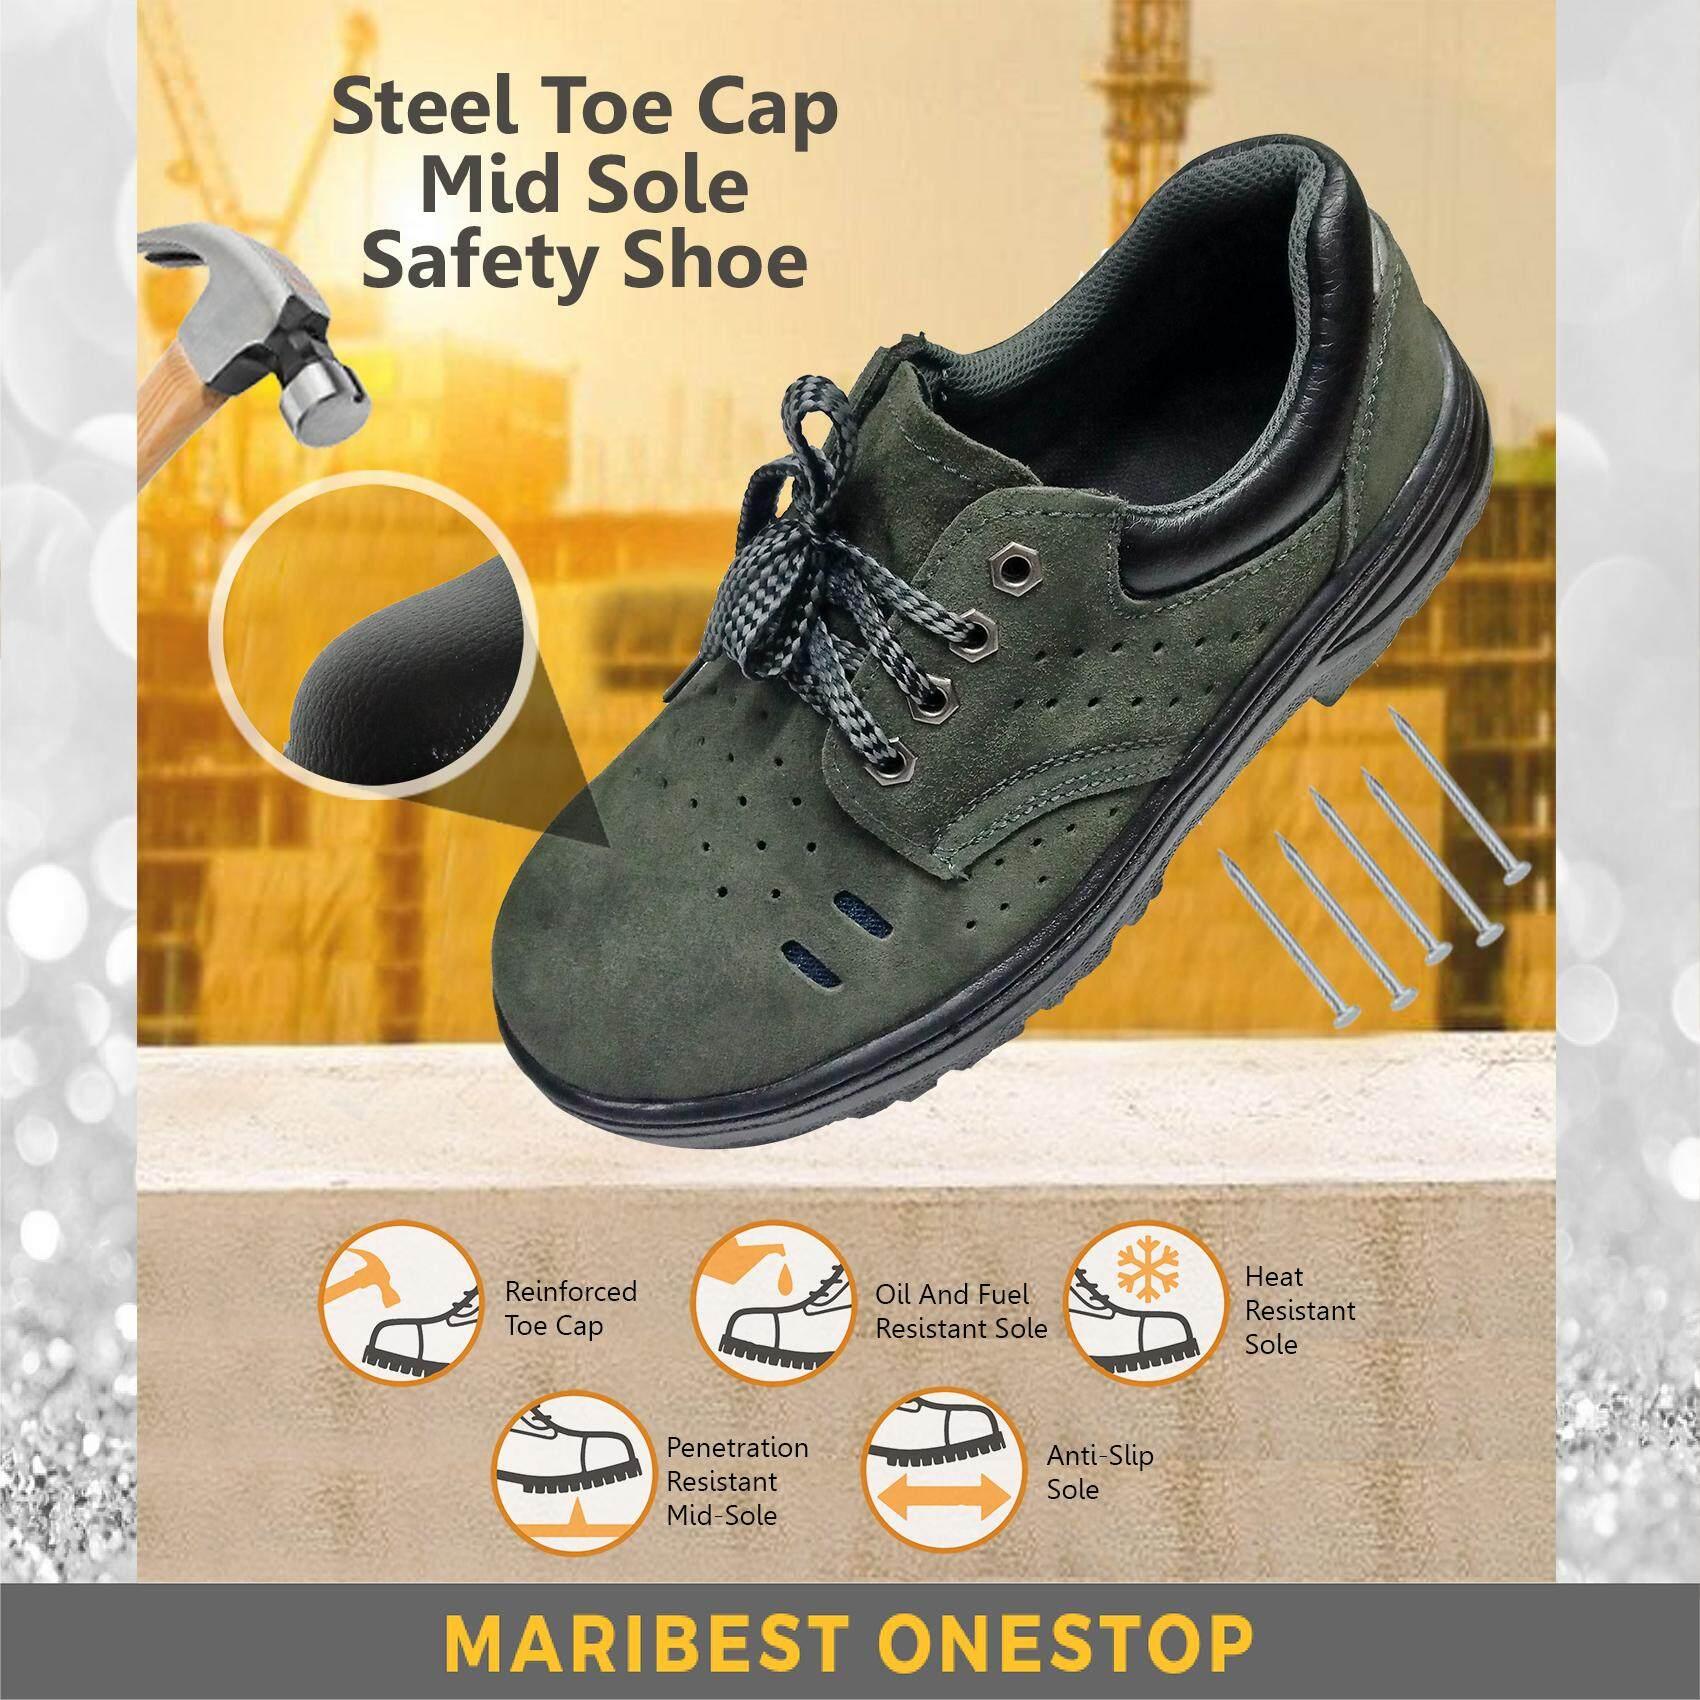 Safety Shoe Steel Toe Cap Mid Sole Low Cut Green